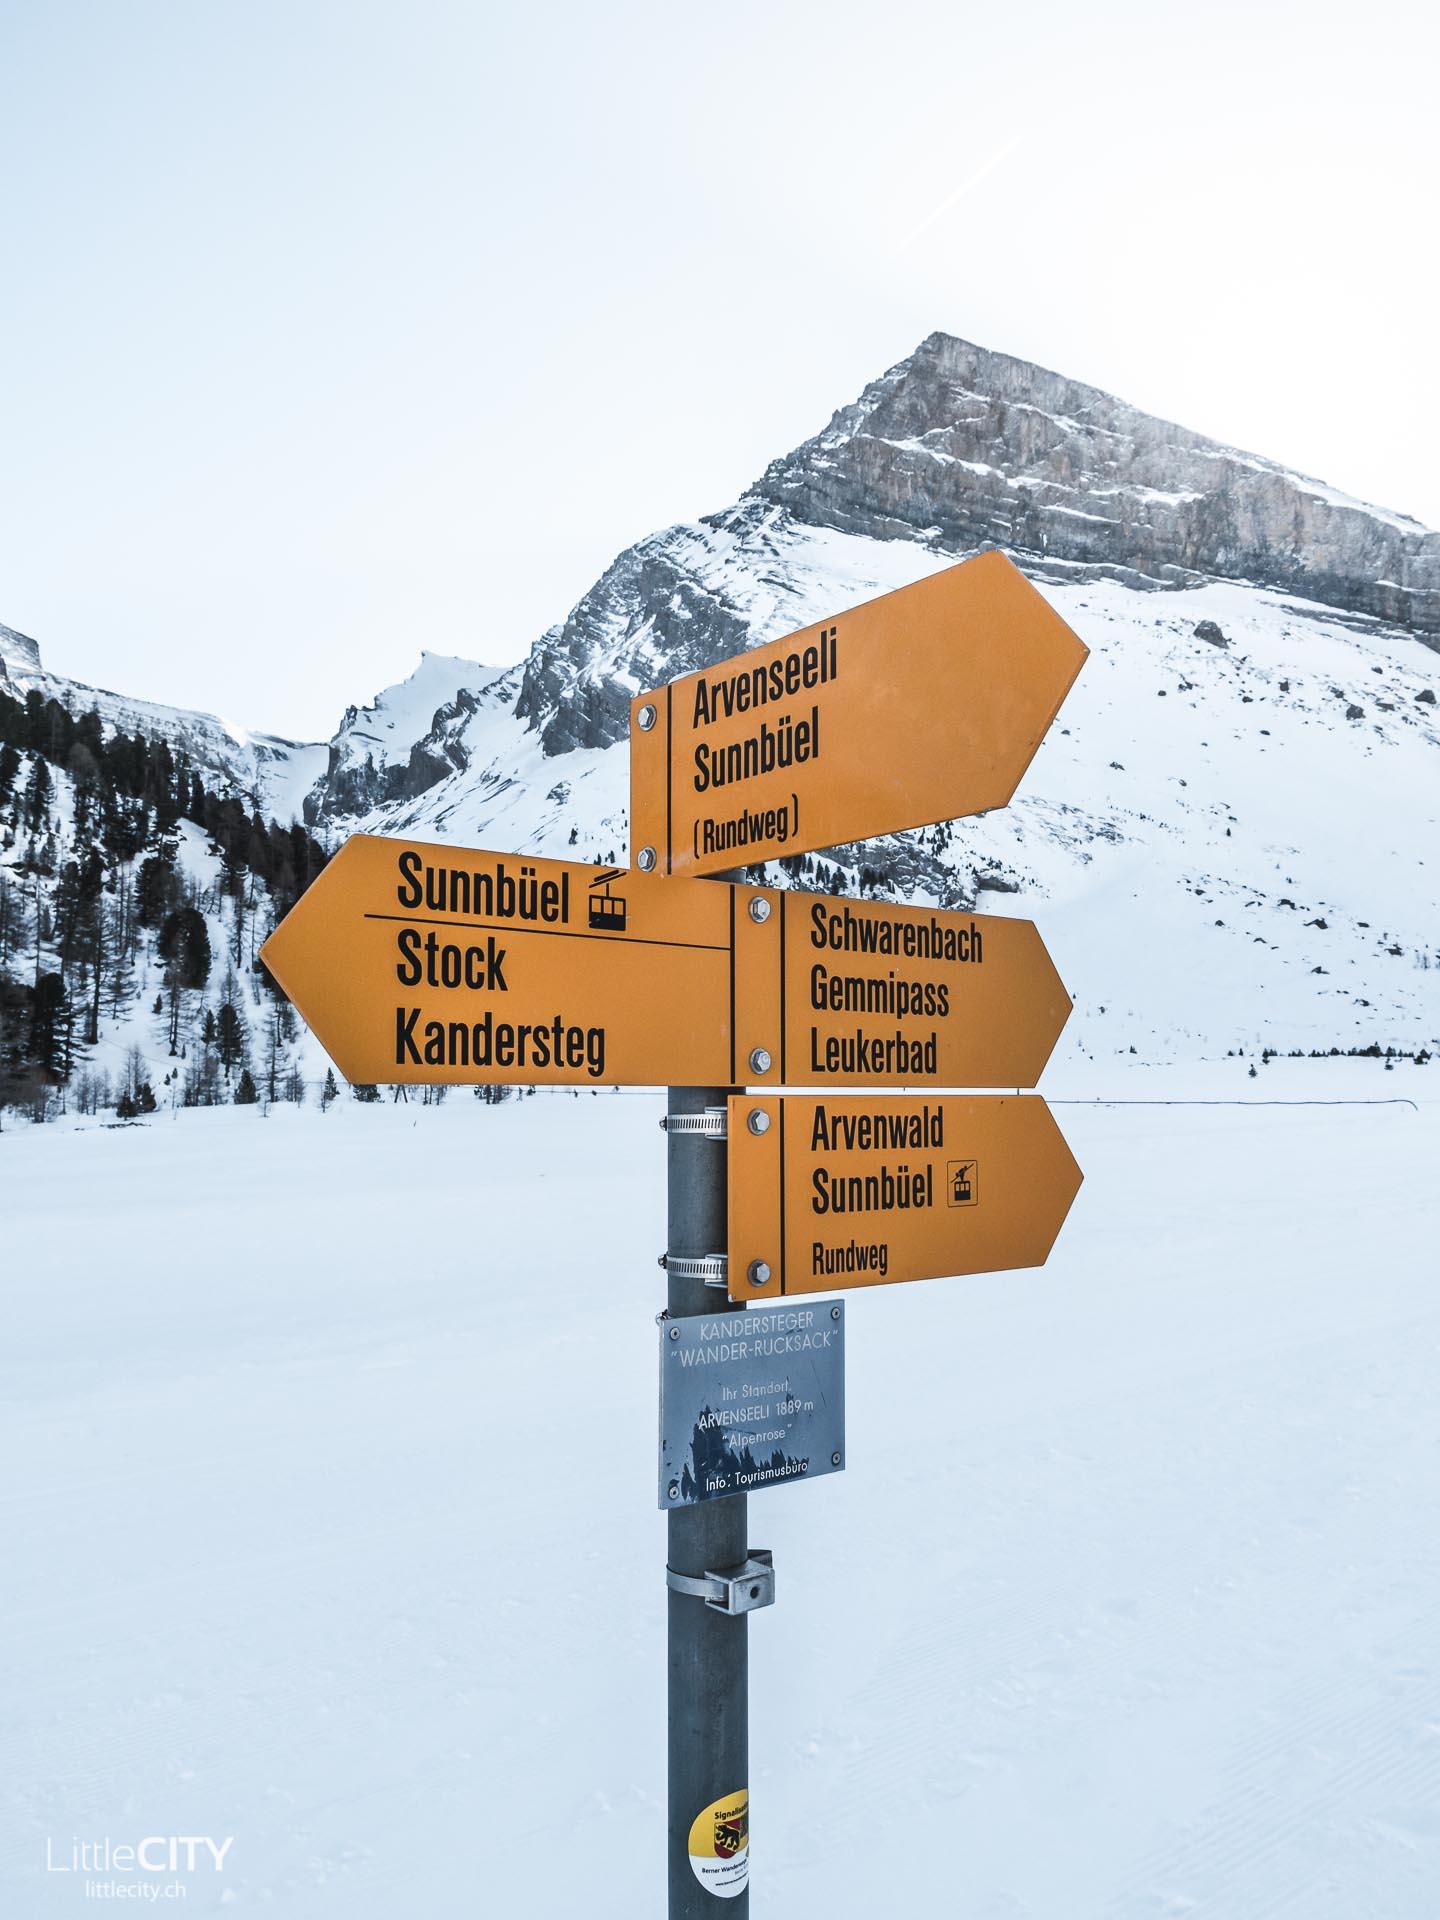 Gemmipass Wanderung winter